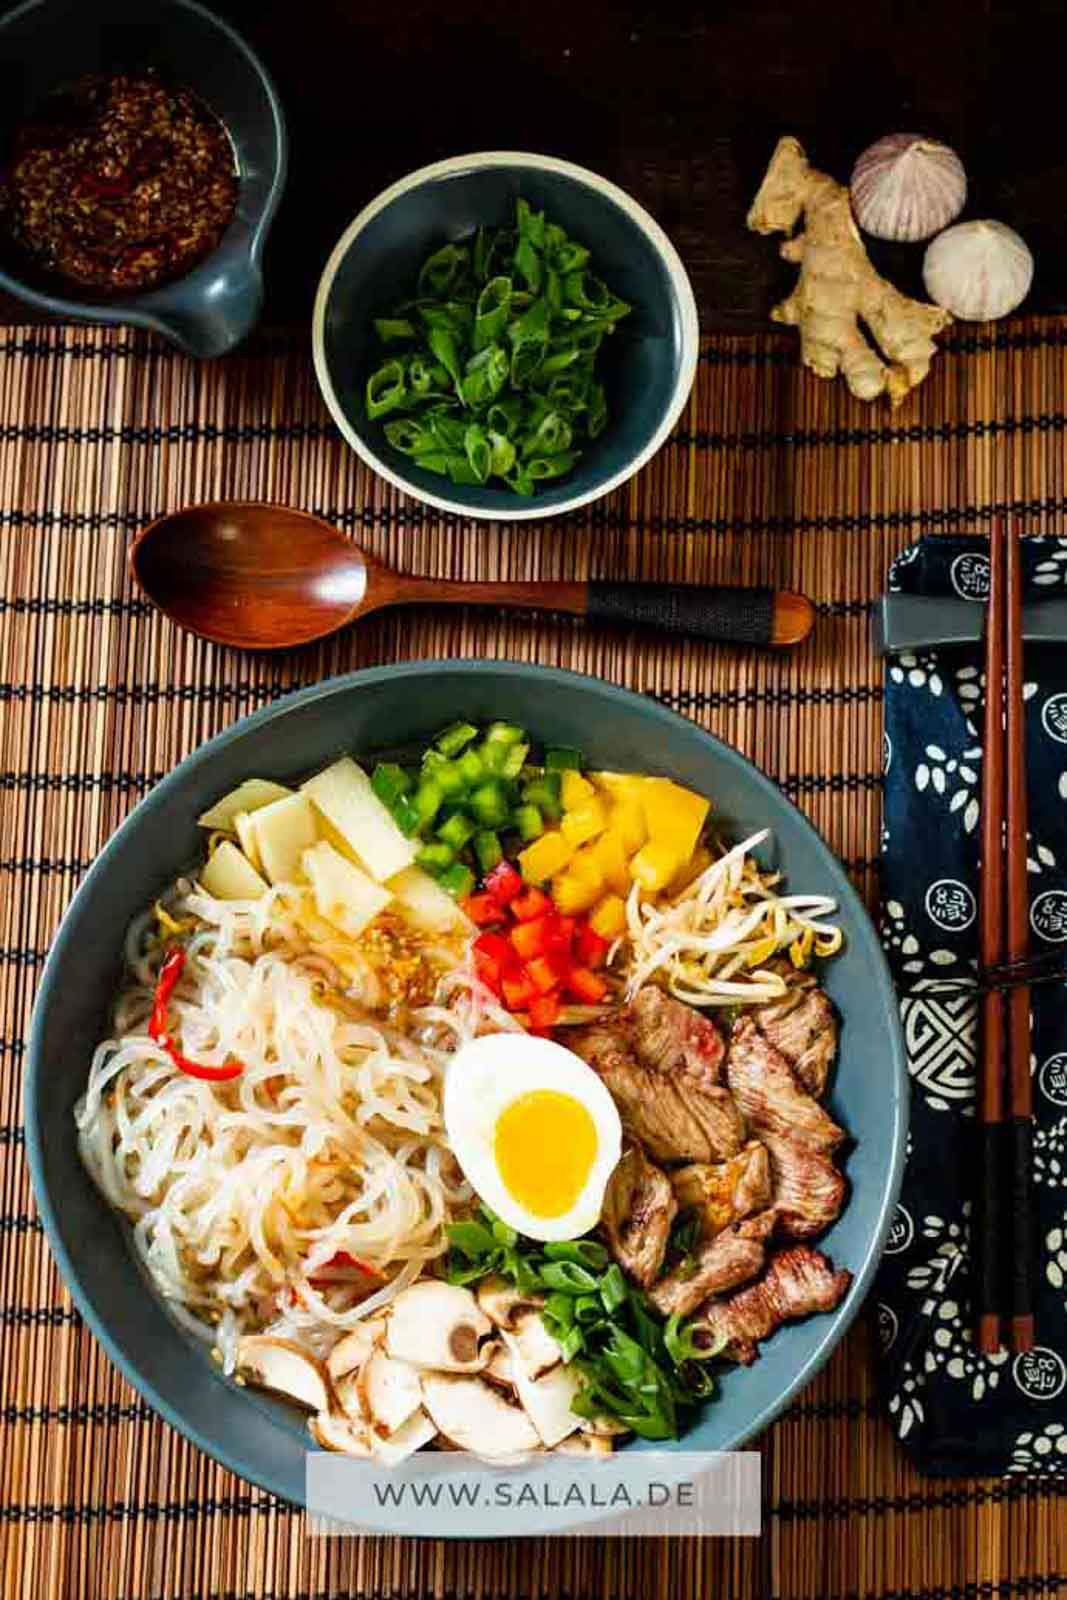 Ramen Nudeln sind in Japan total beliebt. Die speziellen asiatischen Nudeln passen aber leider nicht zu Low Carb. Wir haben uns aber Shileo Konjak Nudeln geschnappt und daraus ein total taugliches Low Carb und Keto Ramen Nudeln Gericht gezaubert. Mit Rindfleisch, Brokkoli und anderem Gemüse. #ramennudeln #lowcarbramen #lowcarbasisaitsch #ketoramen #ramennudelnlowcarb #lowcarbsuppe #lowcarbmittagessen